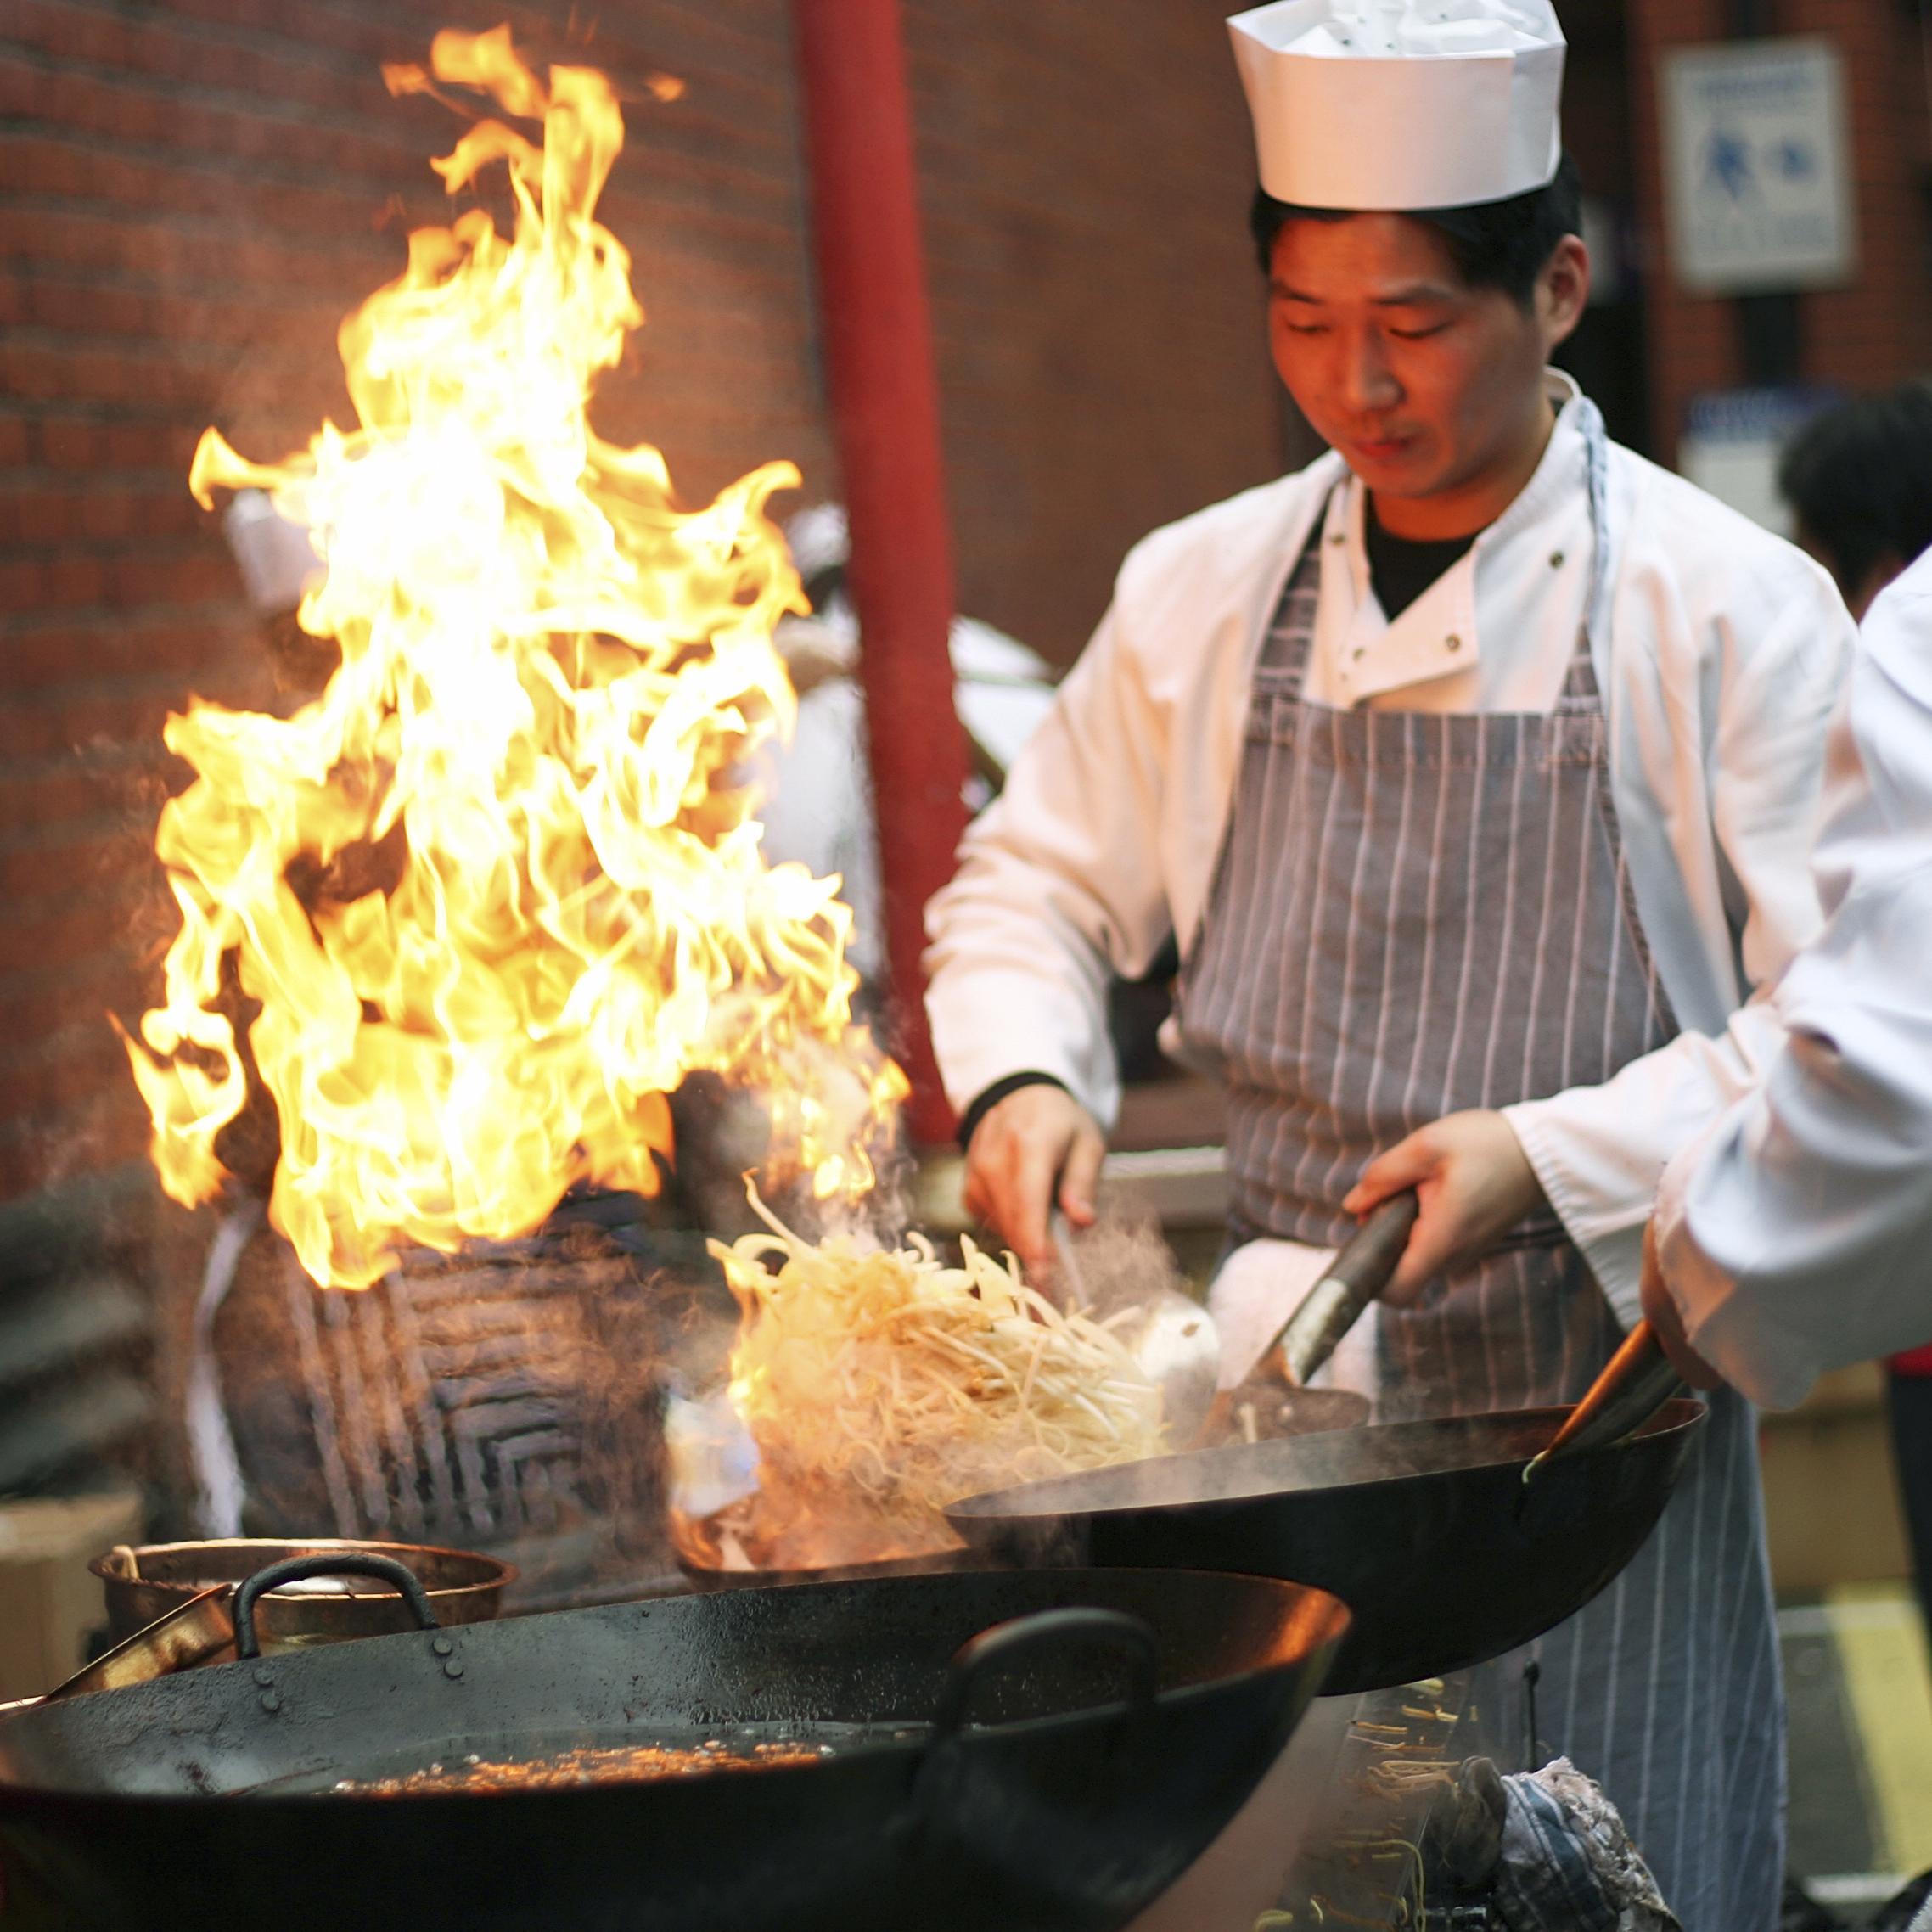 Hawker Market Chef